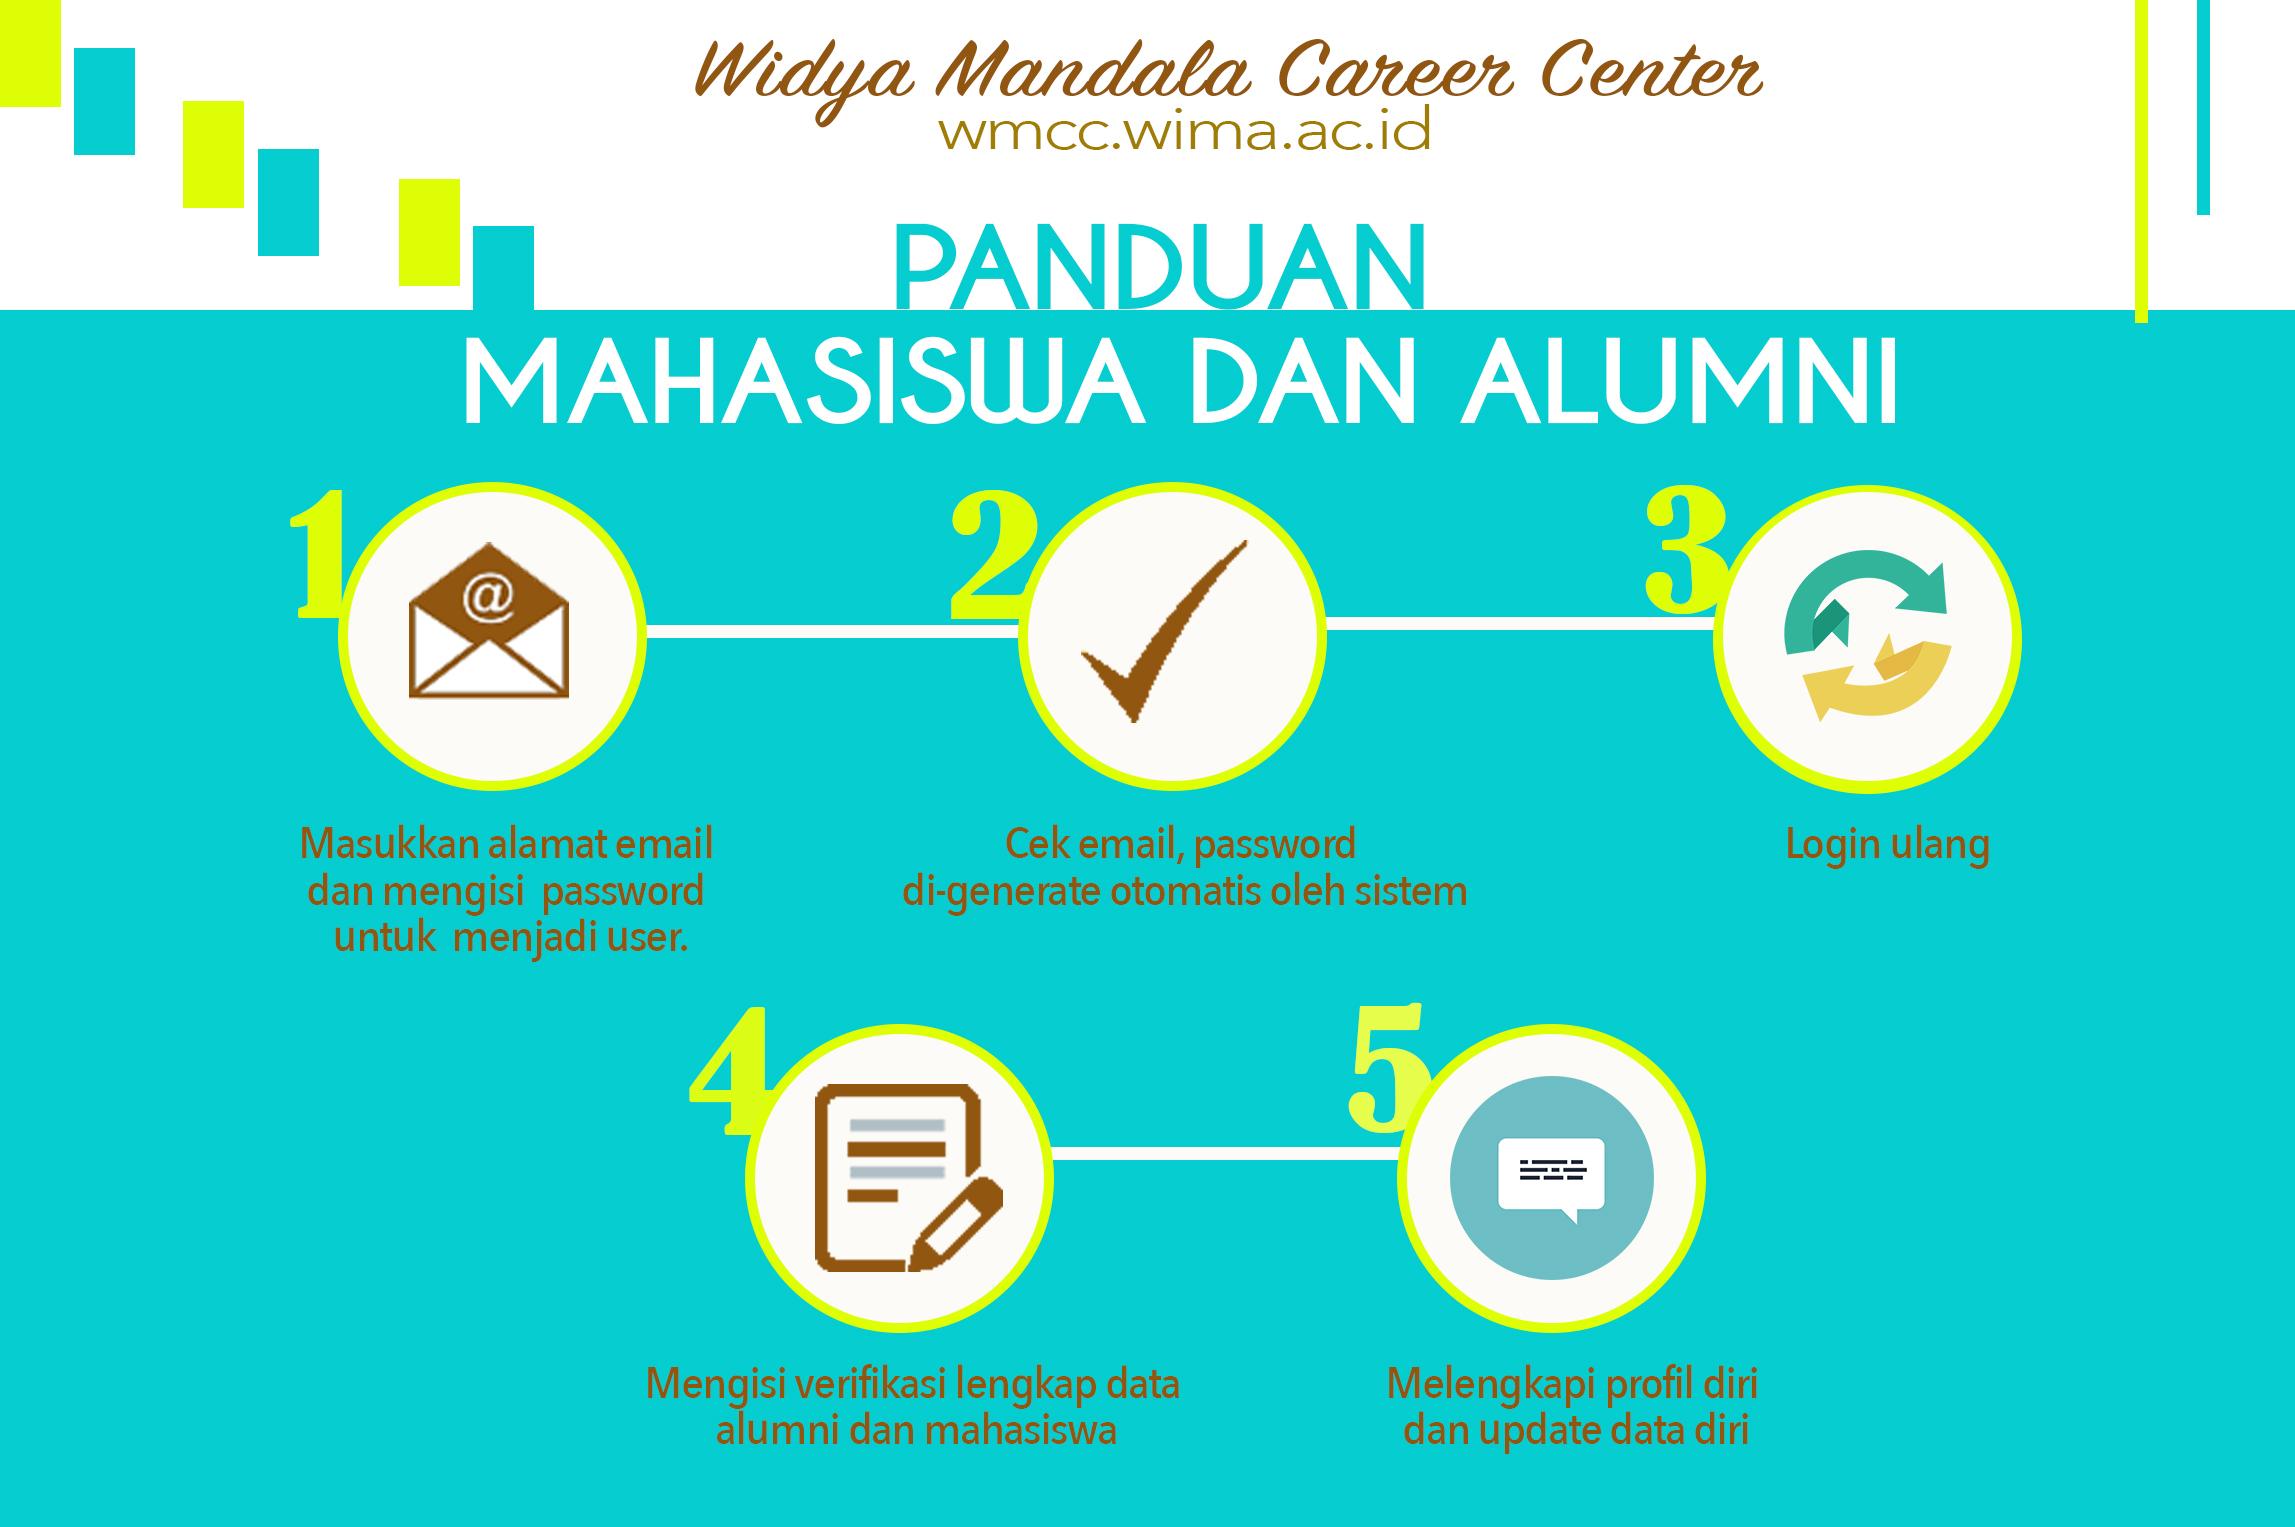 Panduan WMCC untuk mahasiswa